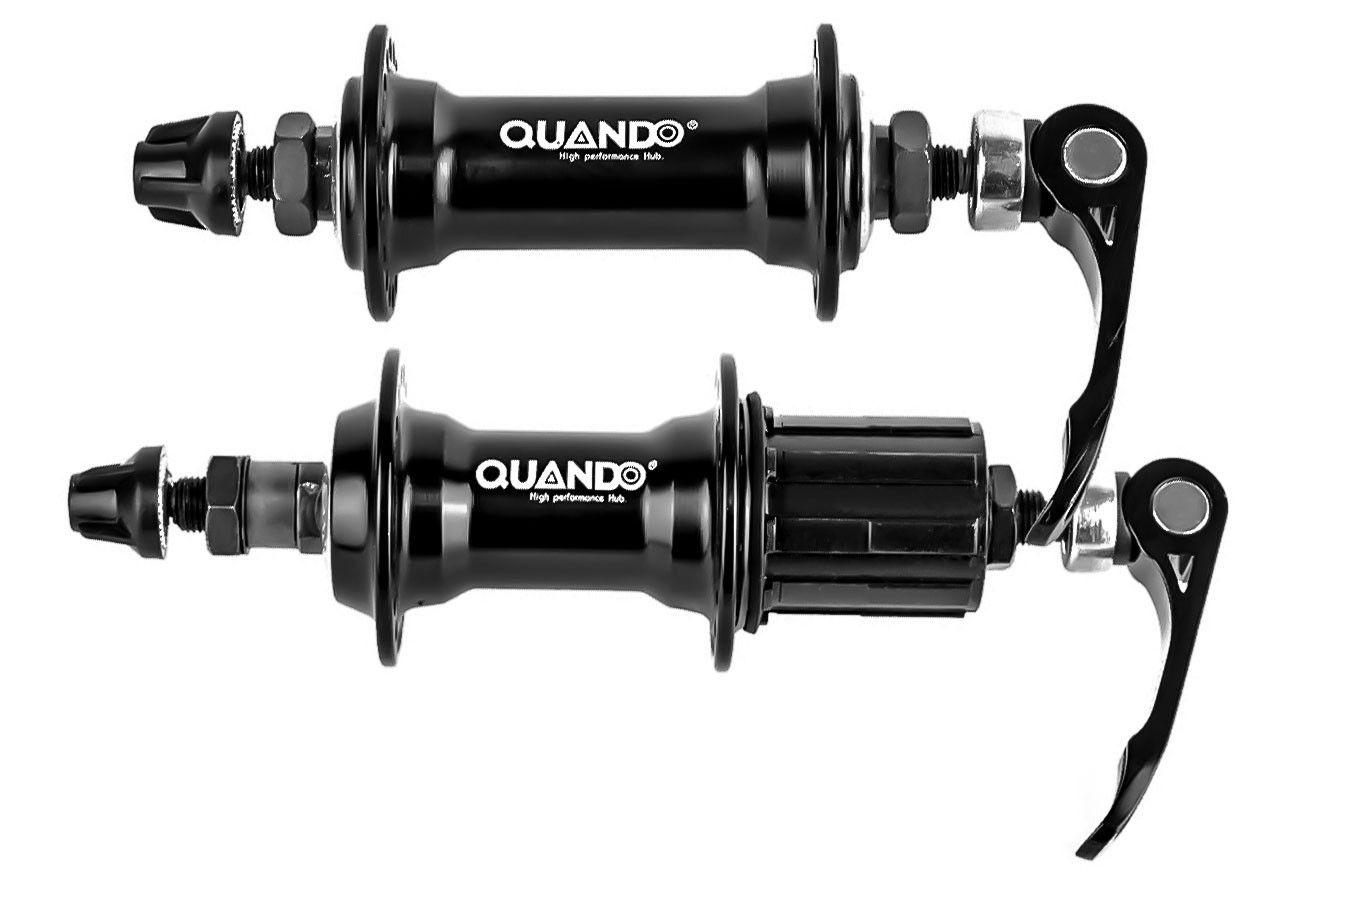 Cubo Bicicleta Alumínio Quando P/ Cassete 8/9/10v 36 furos Freio V-brake